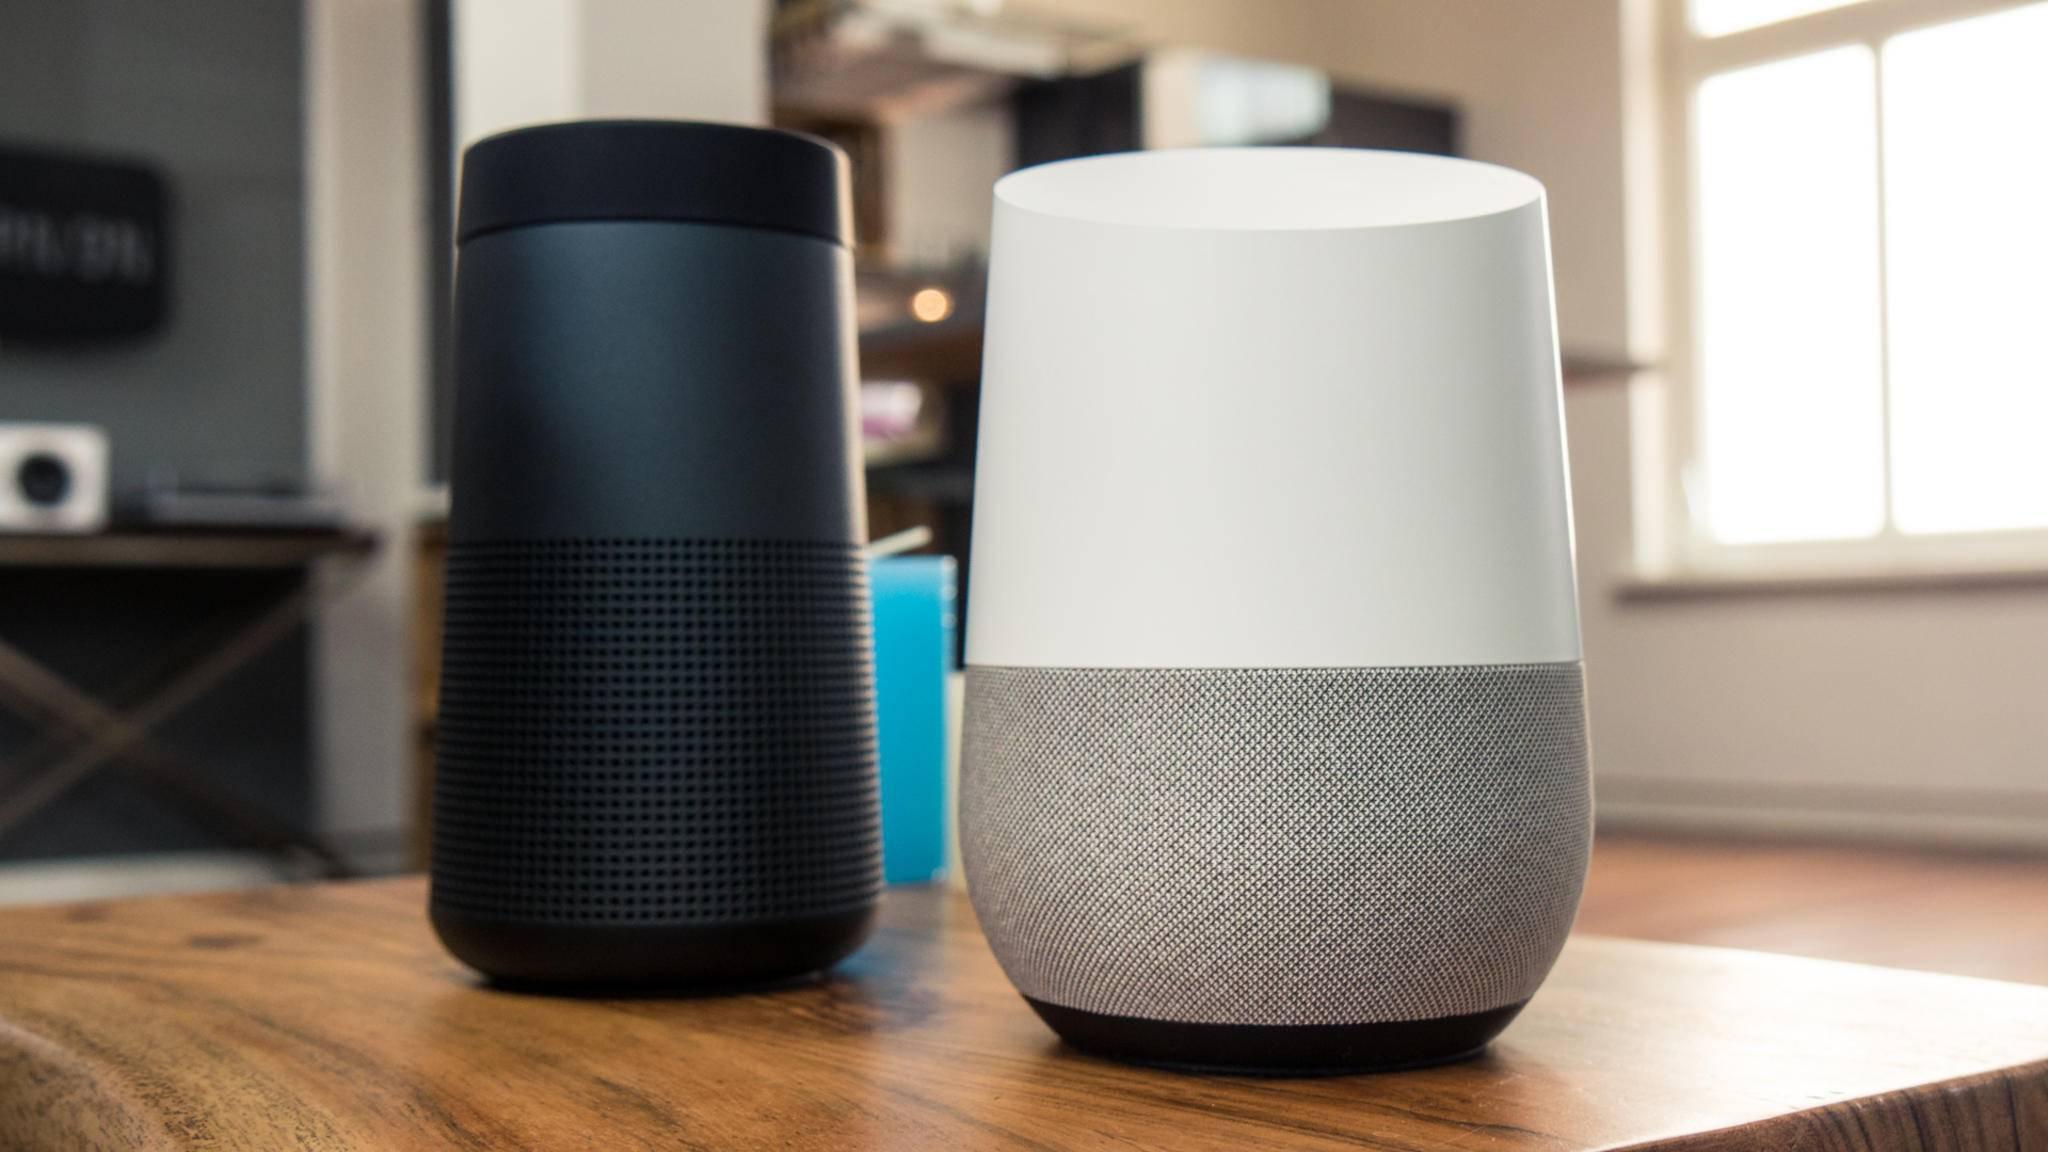 Smarte Lautsprecher könnten sich schneller als Smartphones verbreiten.